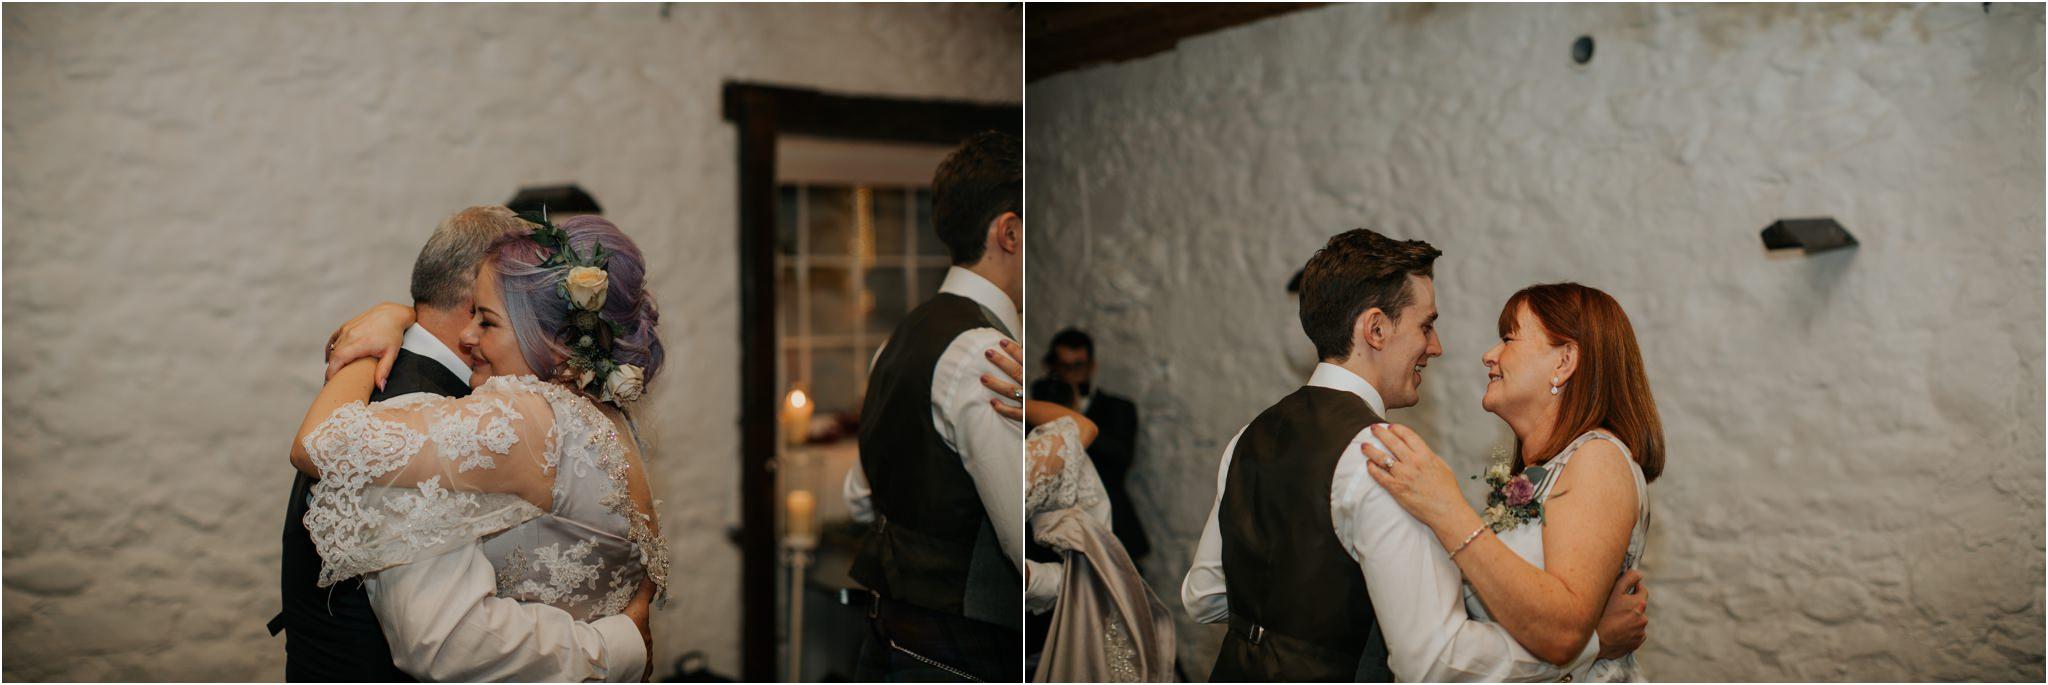 Photography 78 - Glasgow Wedding Photographer - Pete & Eilidh - Dalduff Farm_0105.jpg